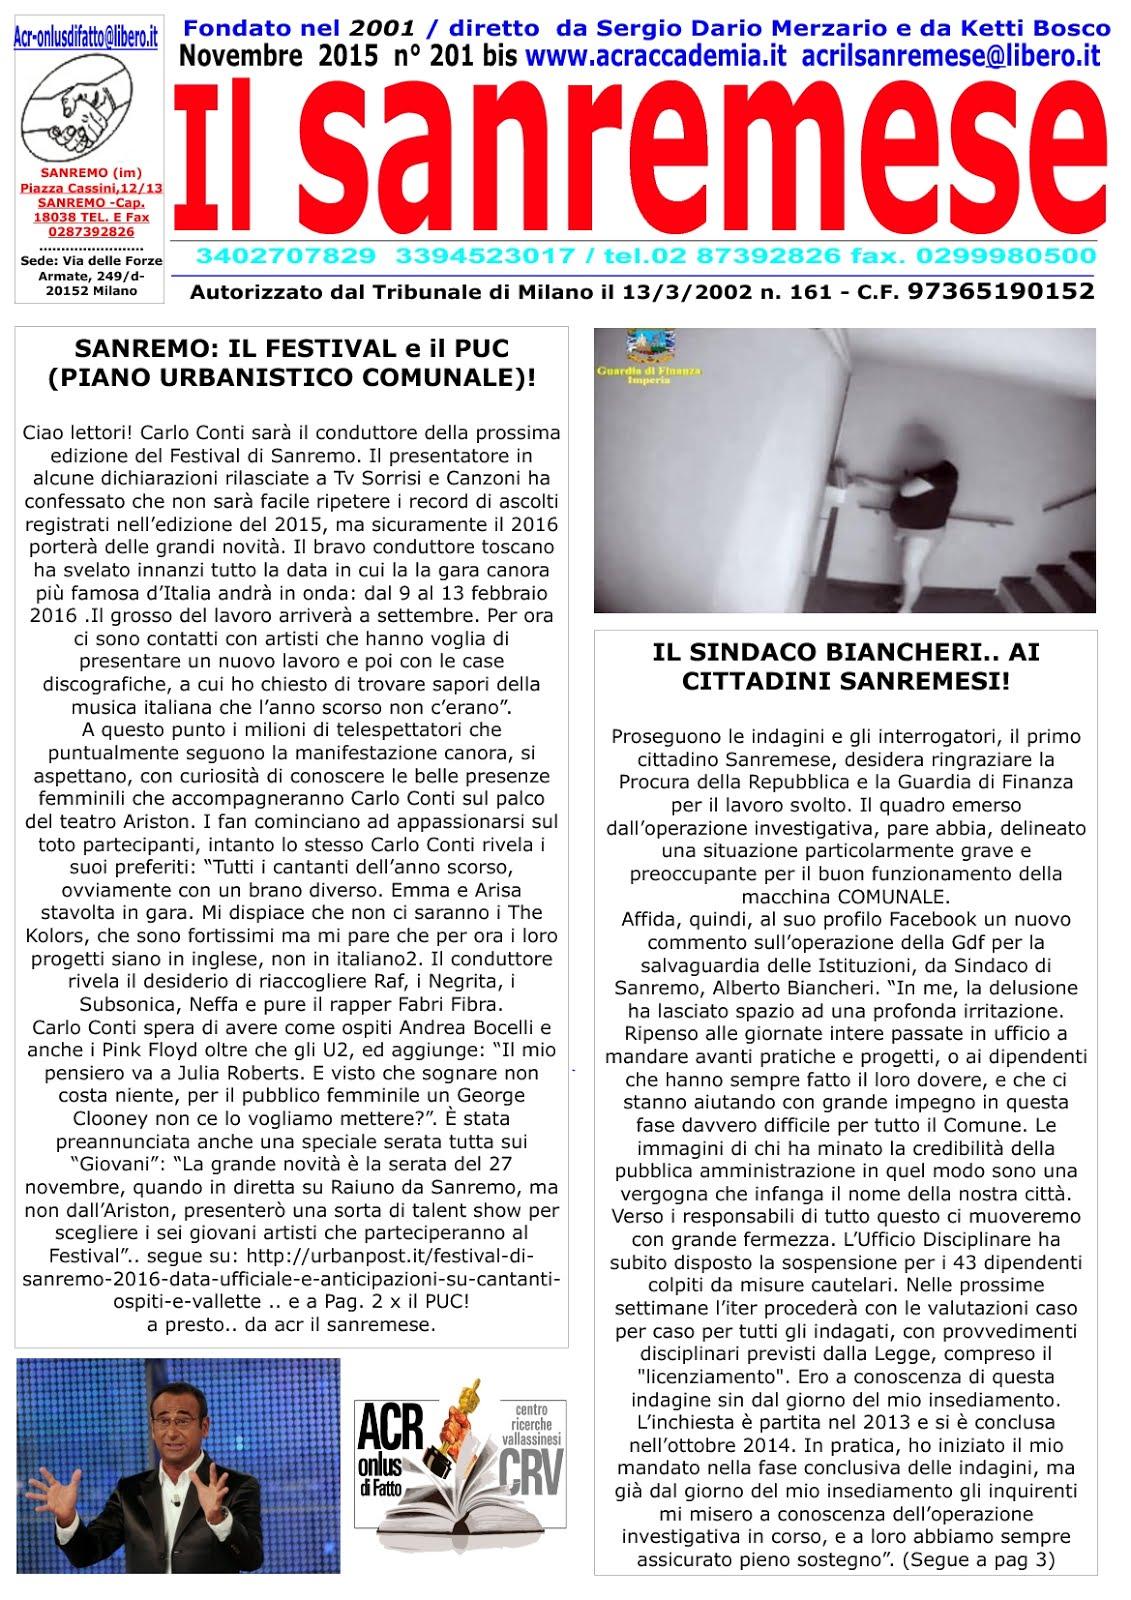 ACR e CRV ( acr accademia, T. L. e milanese)